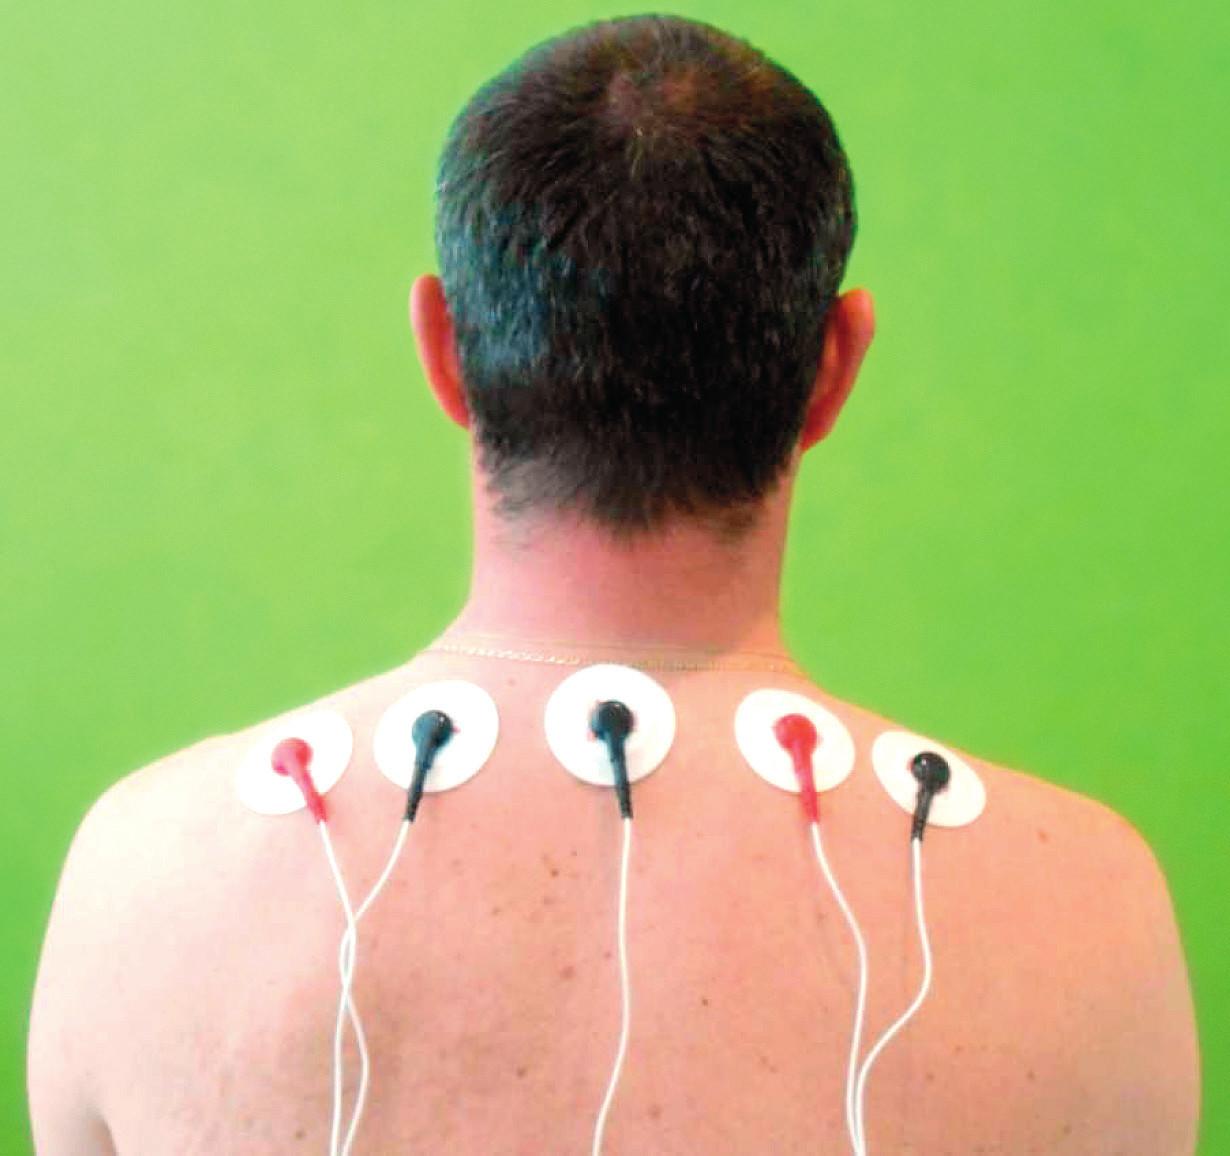 Uloženie snímajúcich elektród.